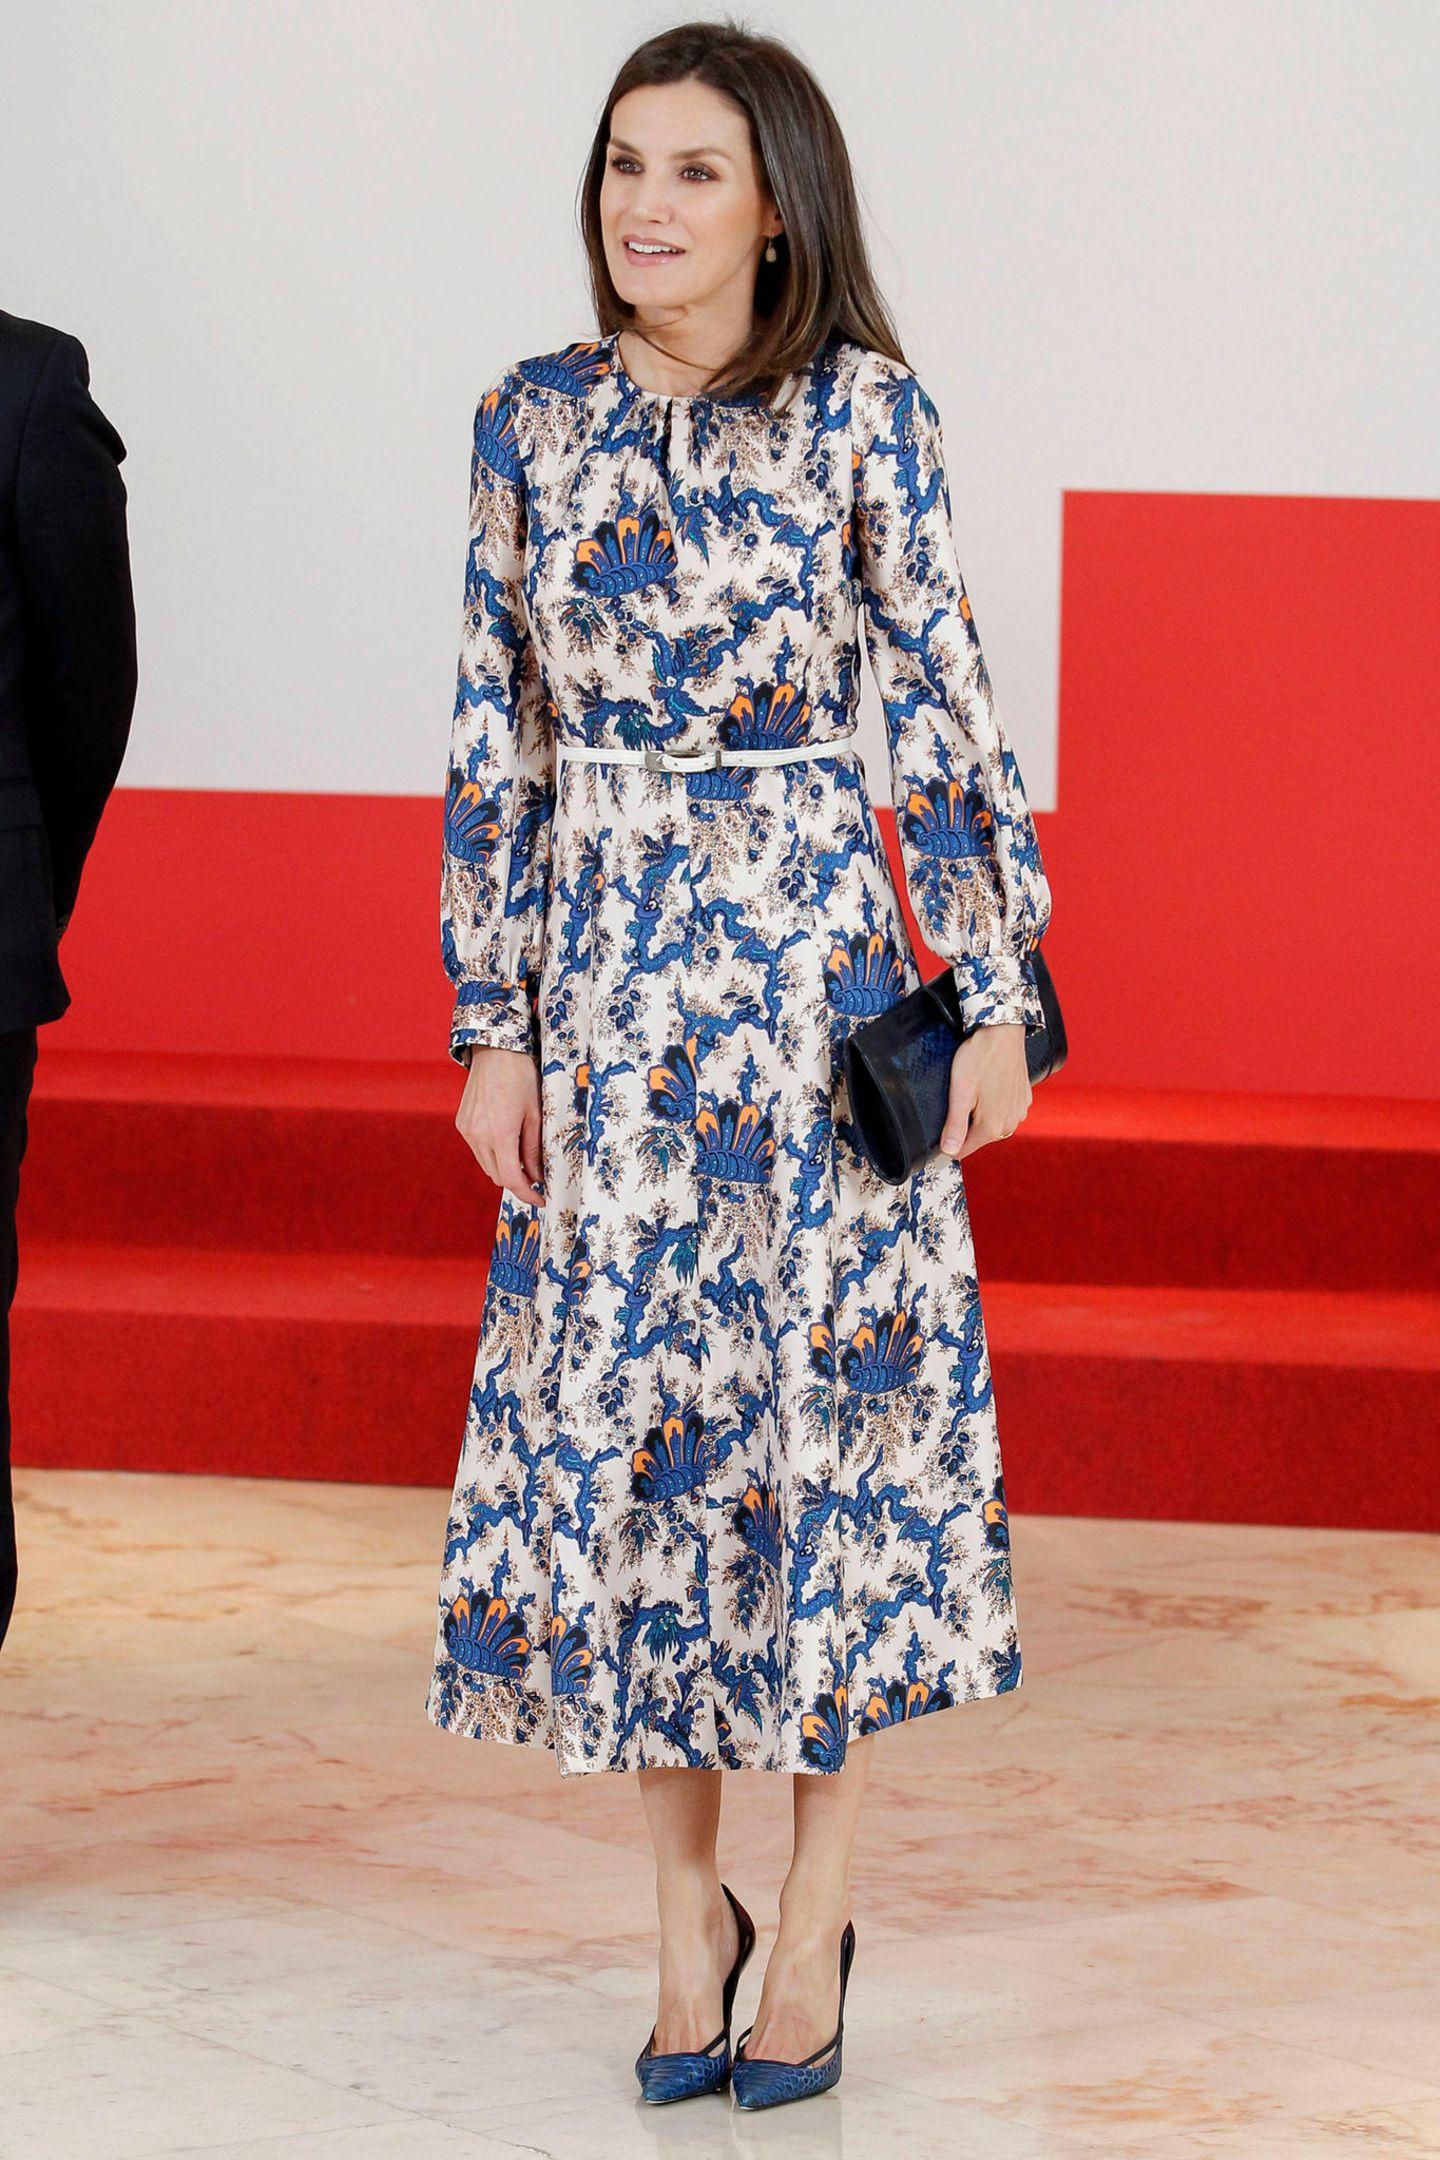 In einem gemusterten Midi-Kleid verzaubert Königin Letizia bei der Verleihung der XI. Preise für Sozialprojekte der Bank Santander in Madrid. Doch dieses hübsche Kleid des Labels Sandro kommt uns bekannt vor ...